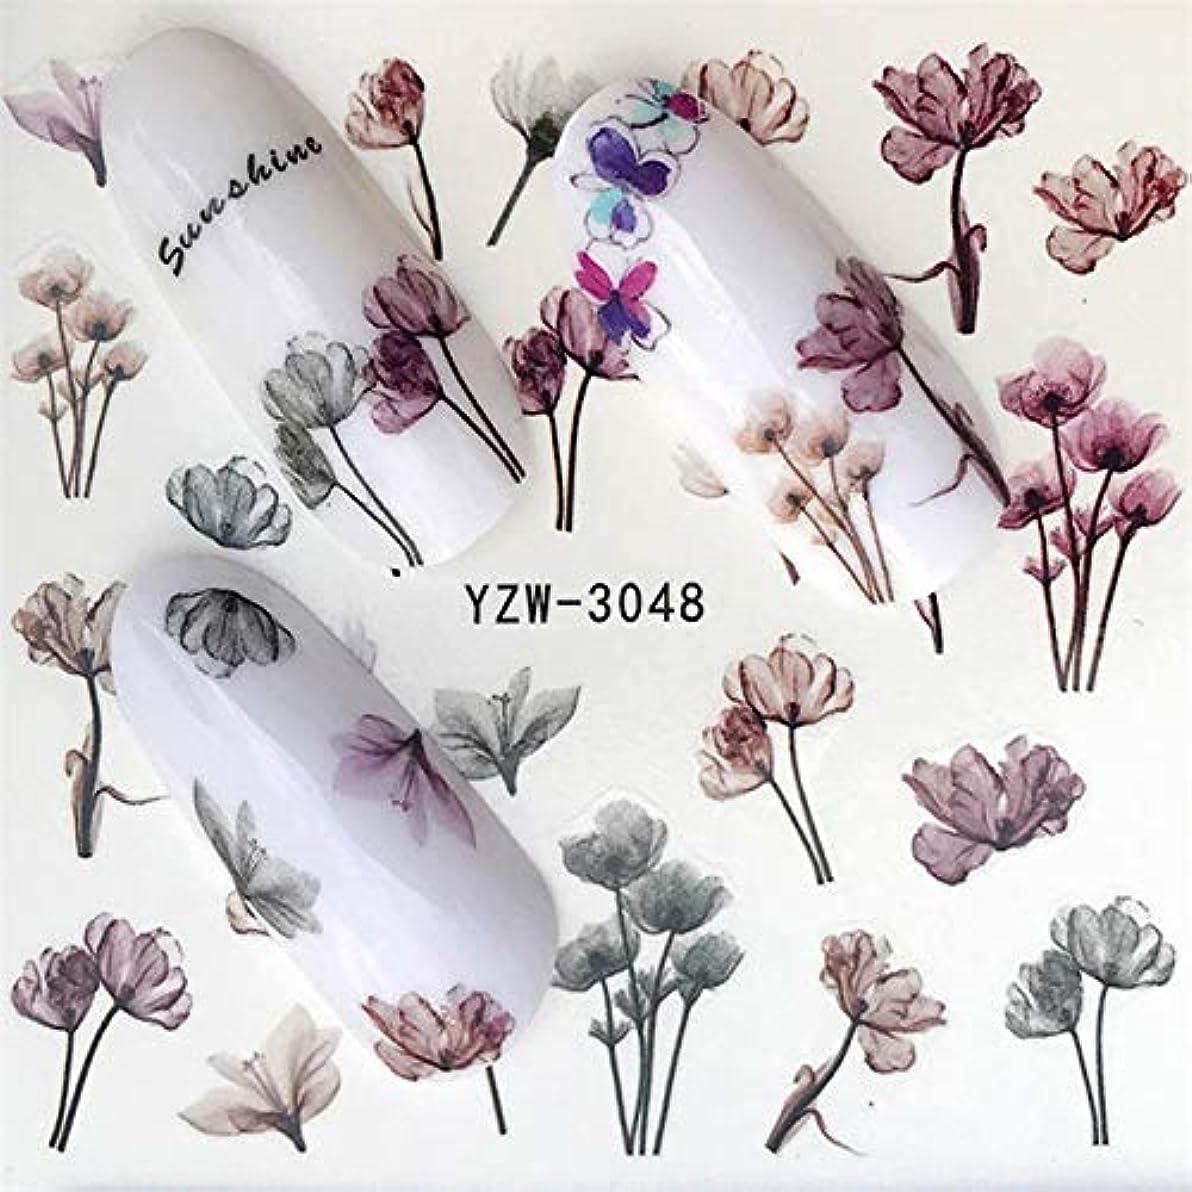 ピアニスト鹿殺しますFlysea ネイルステッカー5 PCS水ネイルズ、色用ステッカーデカール花のステッカーを転送しますYZW-3048